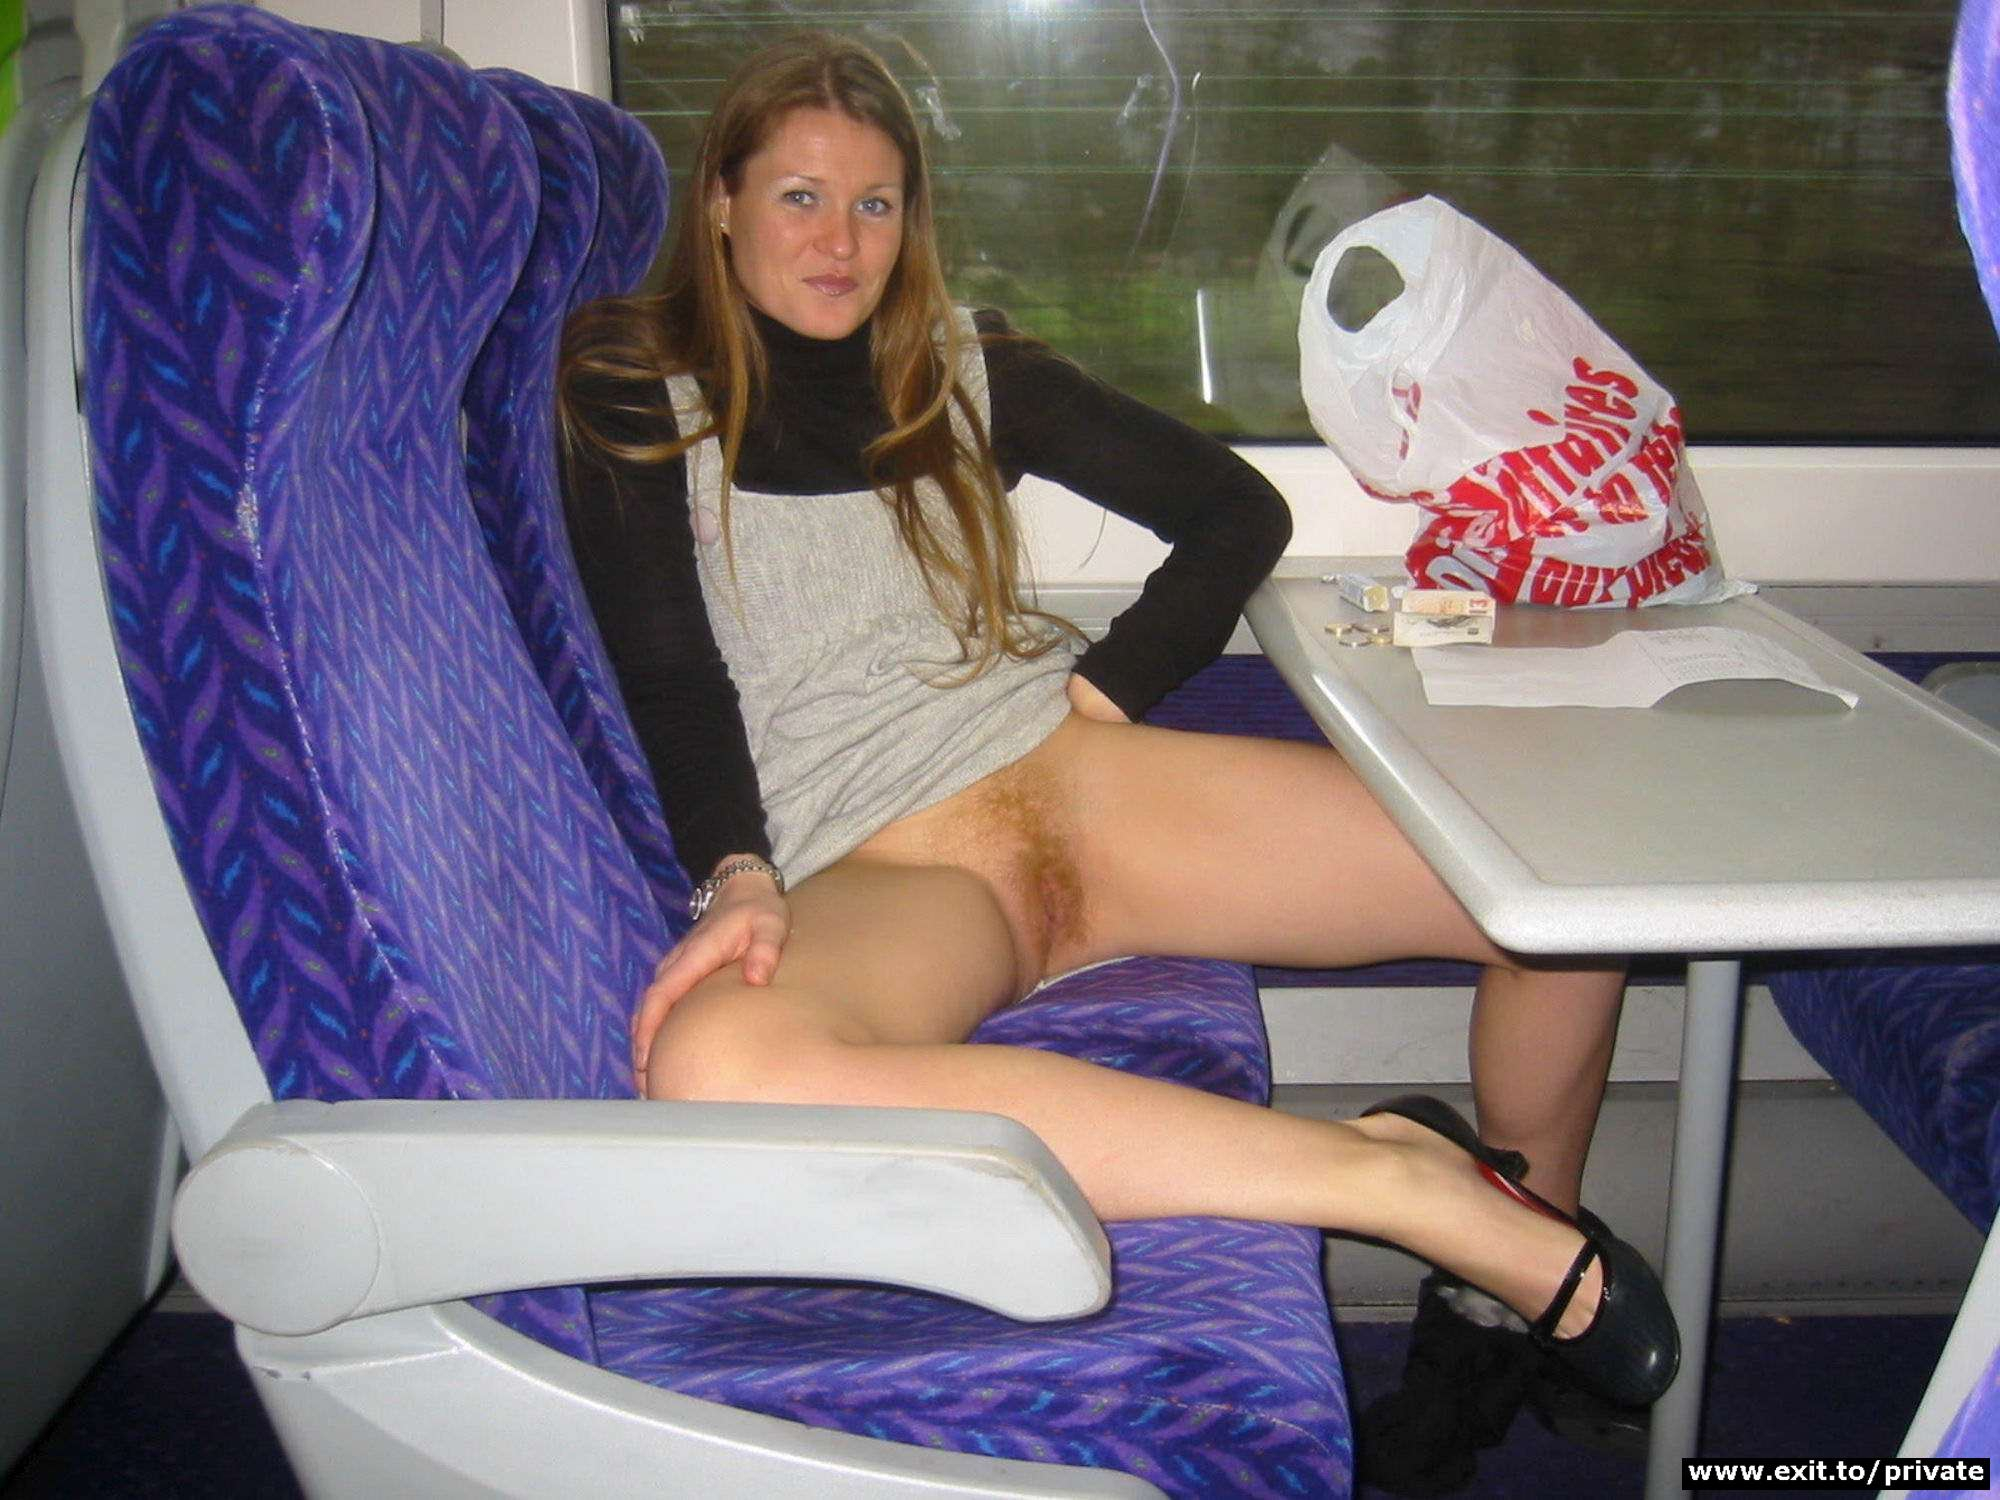 Рукой под юбку в транспорте 7 фотография